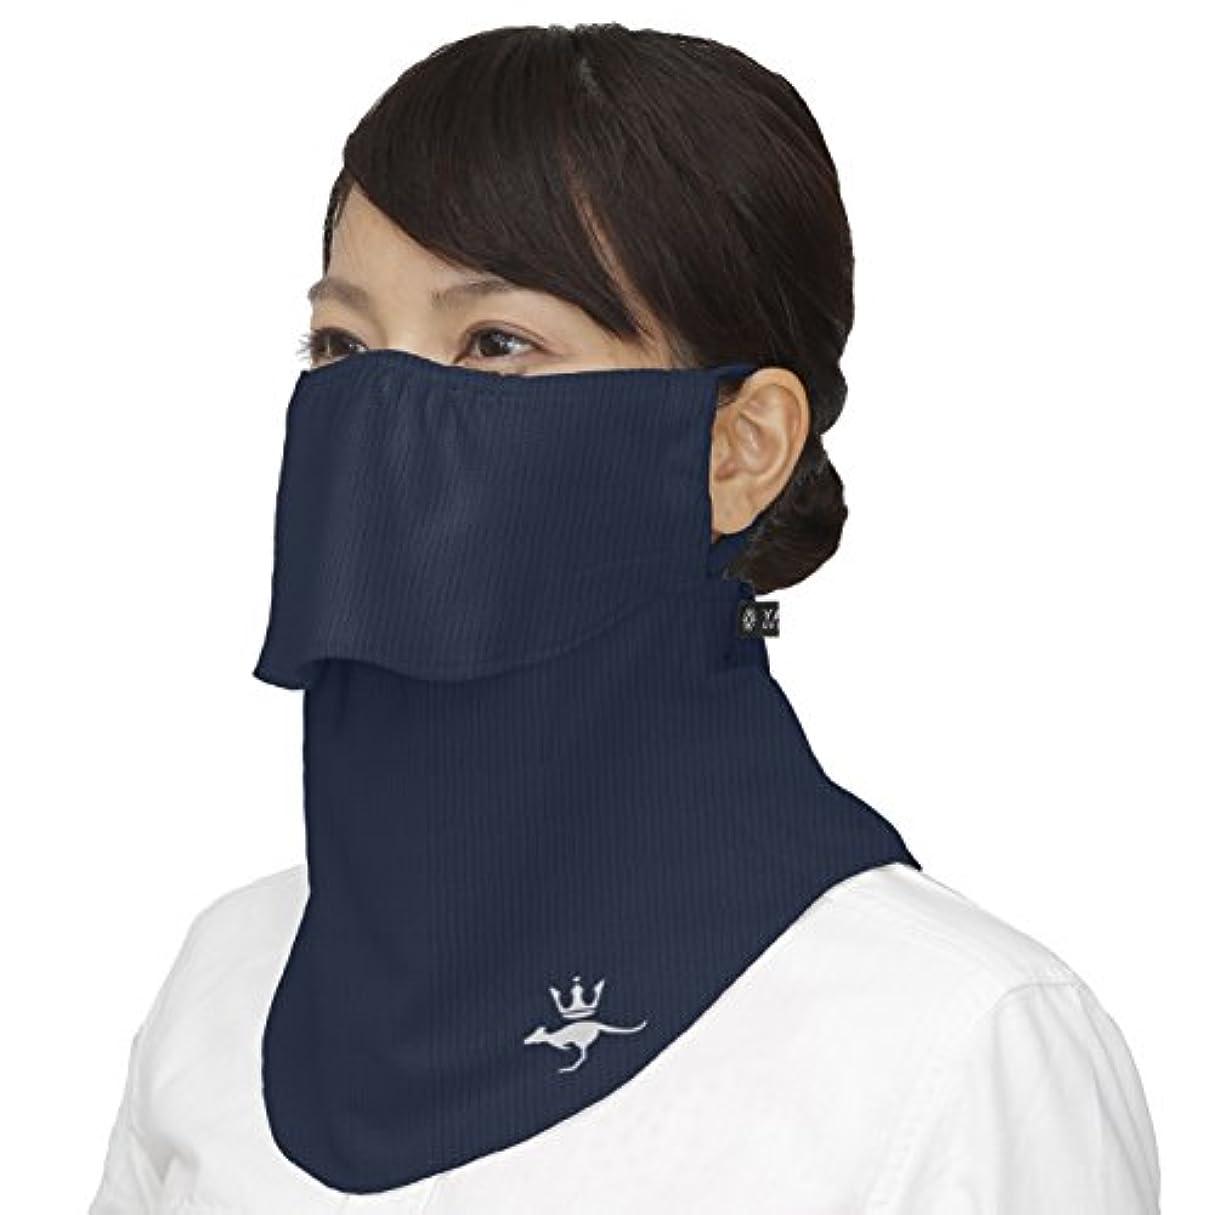 協会コンパス取得する(シンプソン)Simpson 息苦しくない 紫外線防止 レディース 日焼け防止 UVカット フェイスマスク フェイスカバー STA-M02